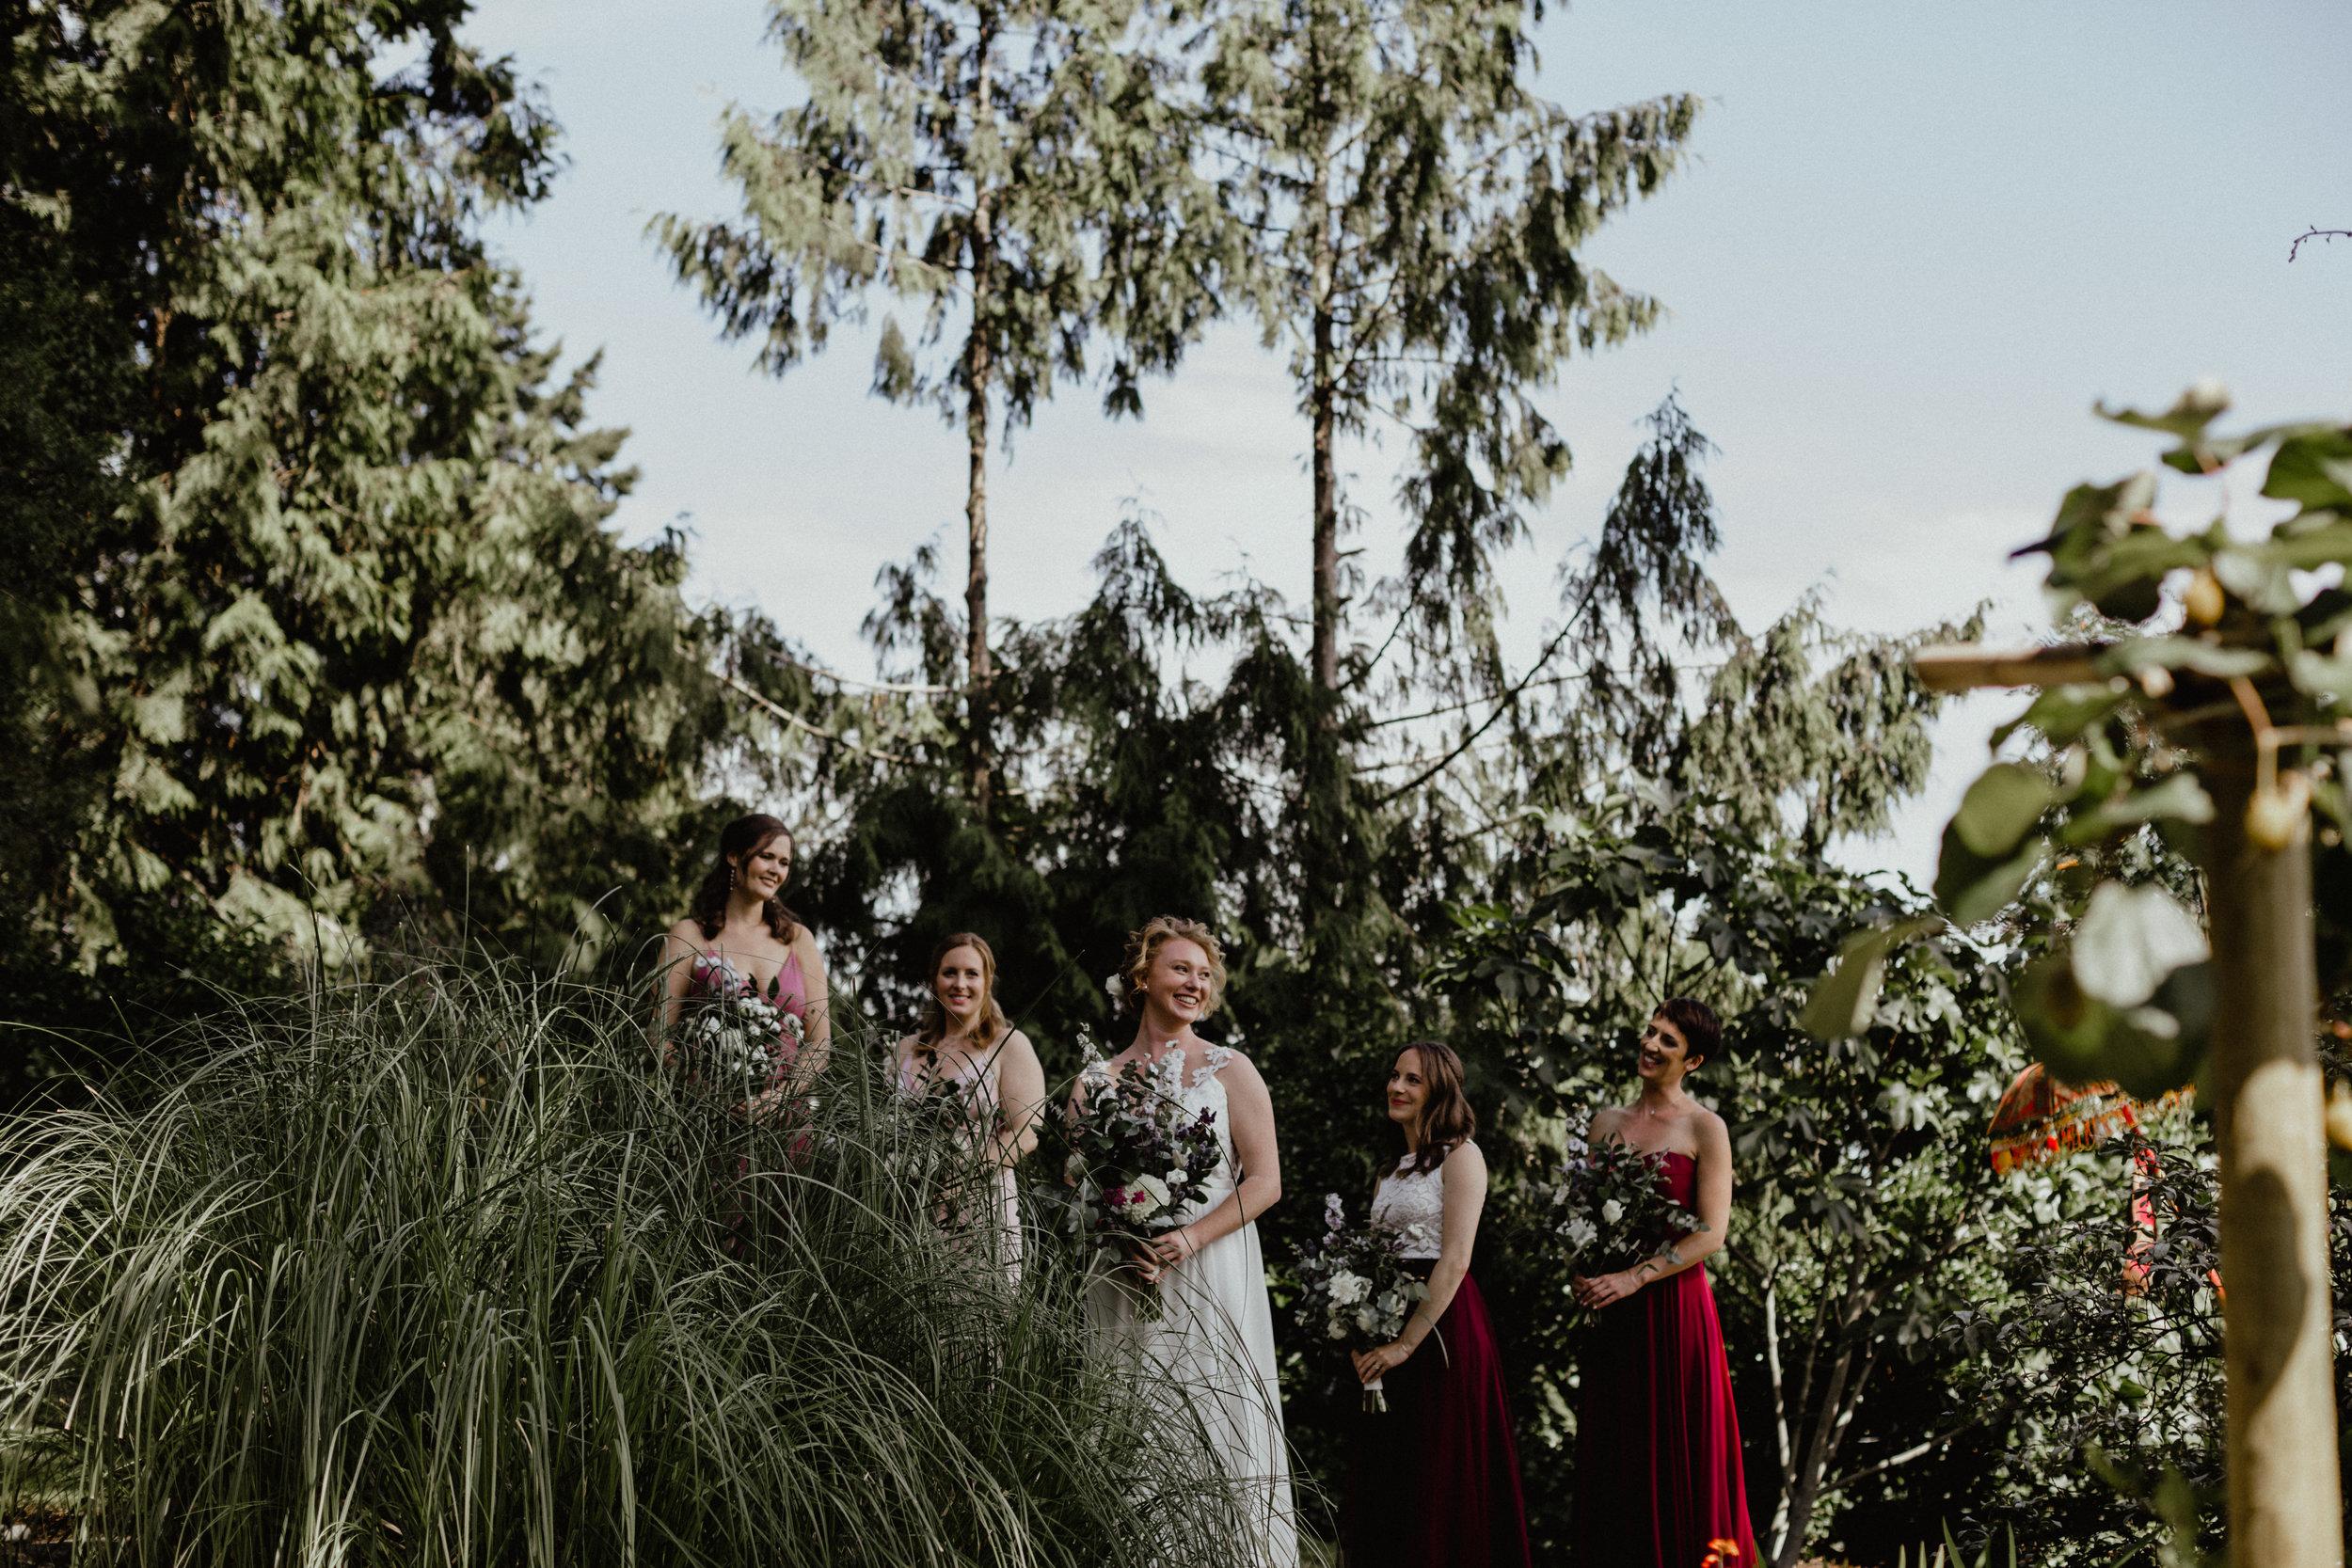 west-vancouver-backyard-wedding-48.jpg